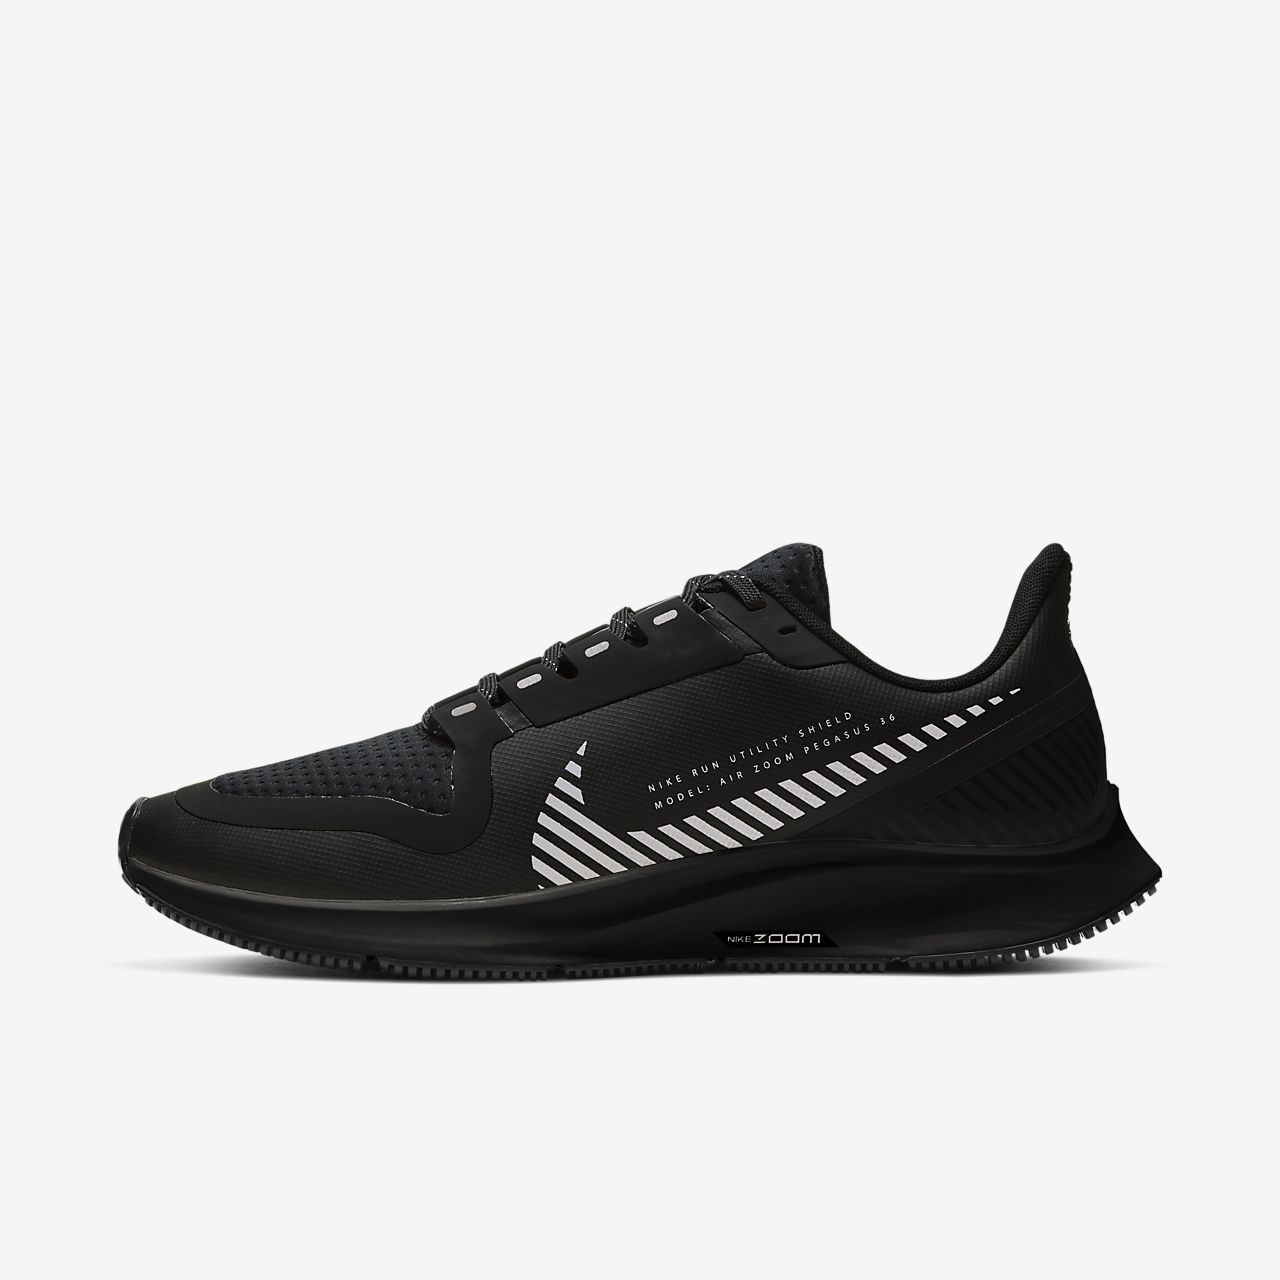 scarpe nike run donna